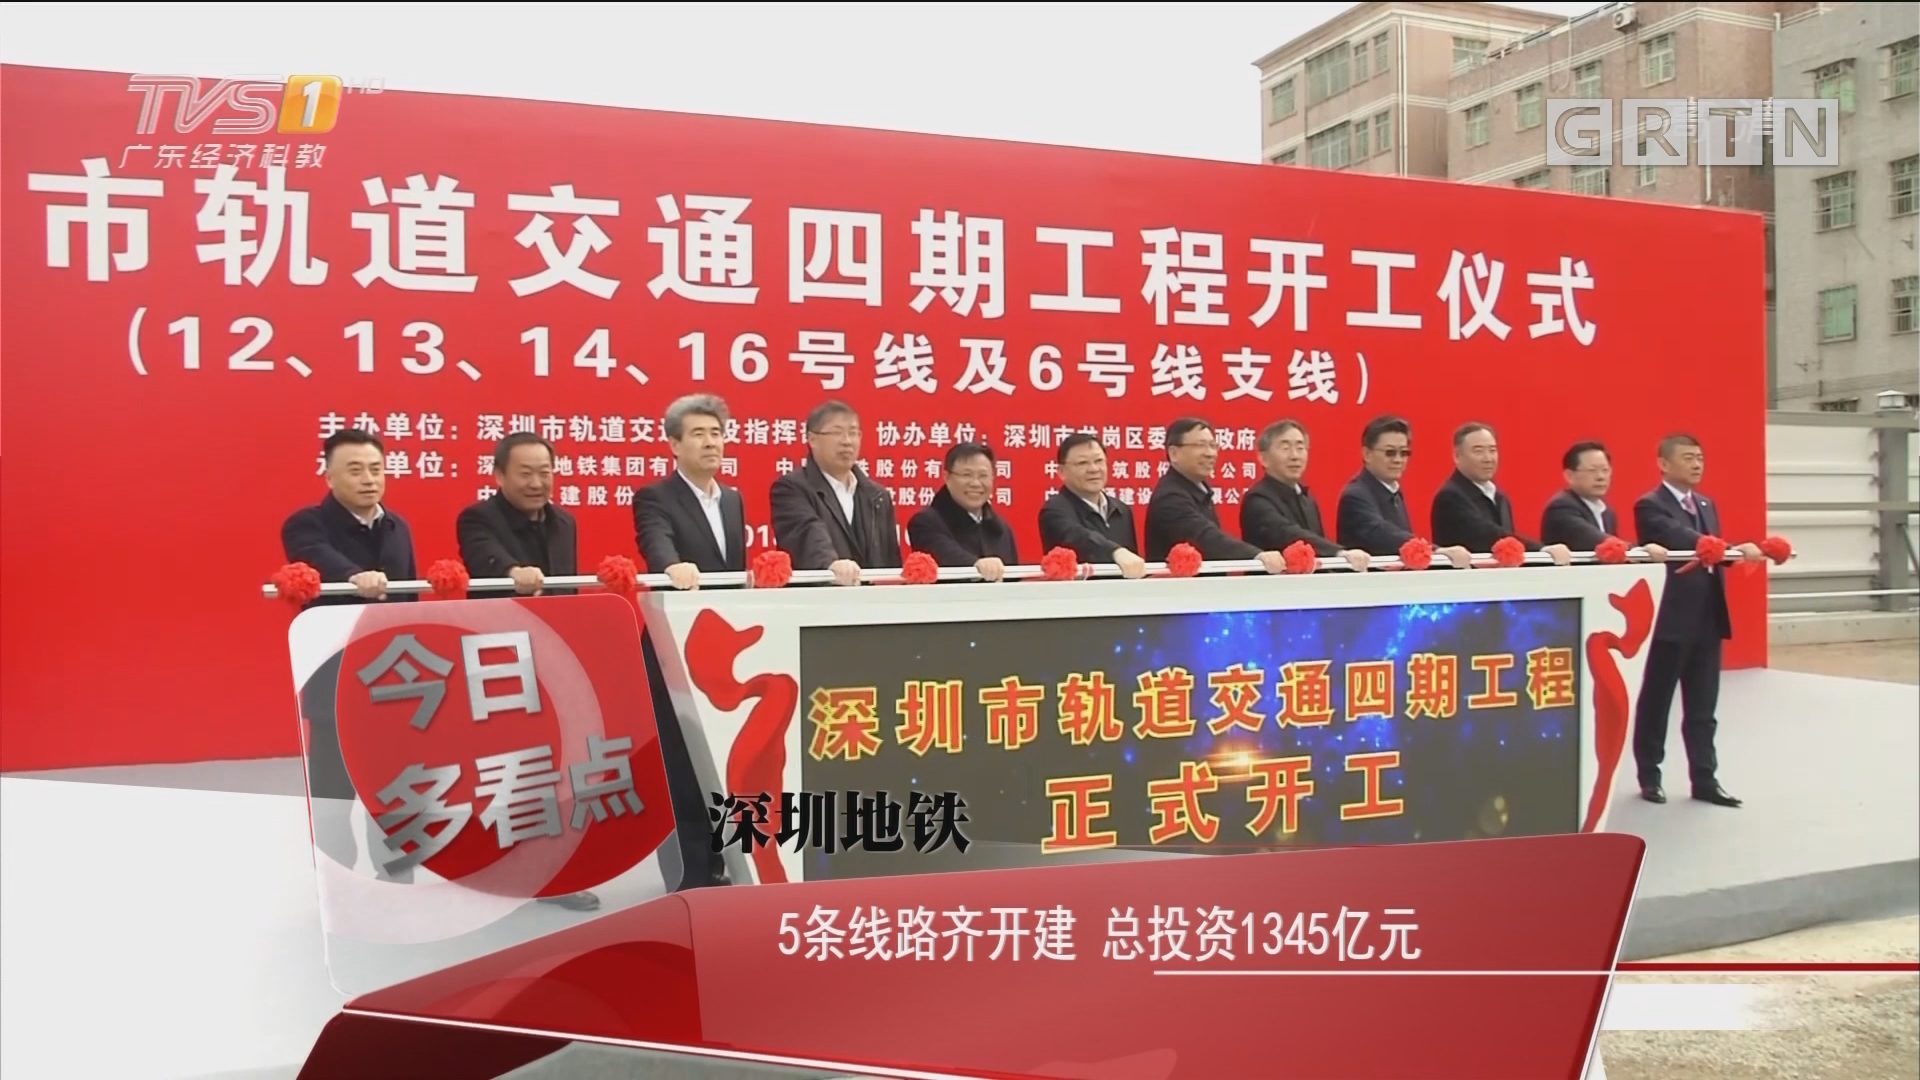 深圳地铁:5条线路齐开建 总投资1345亿元